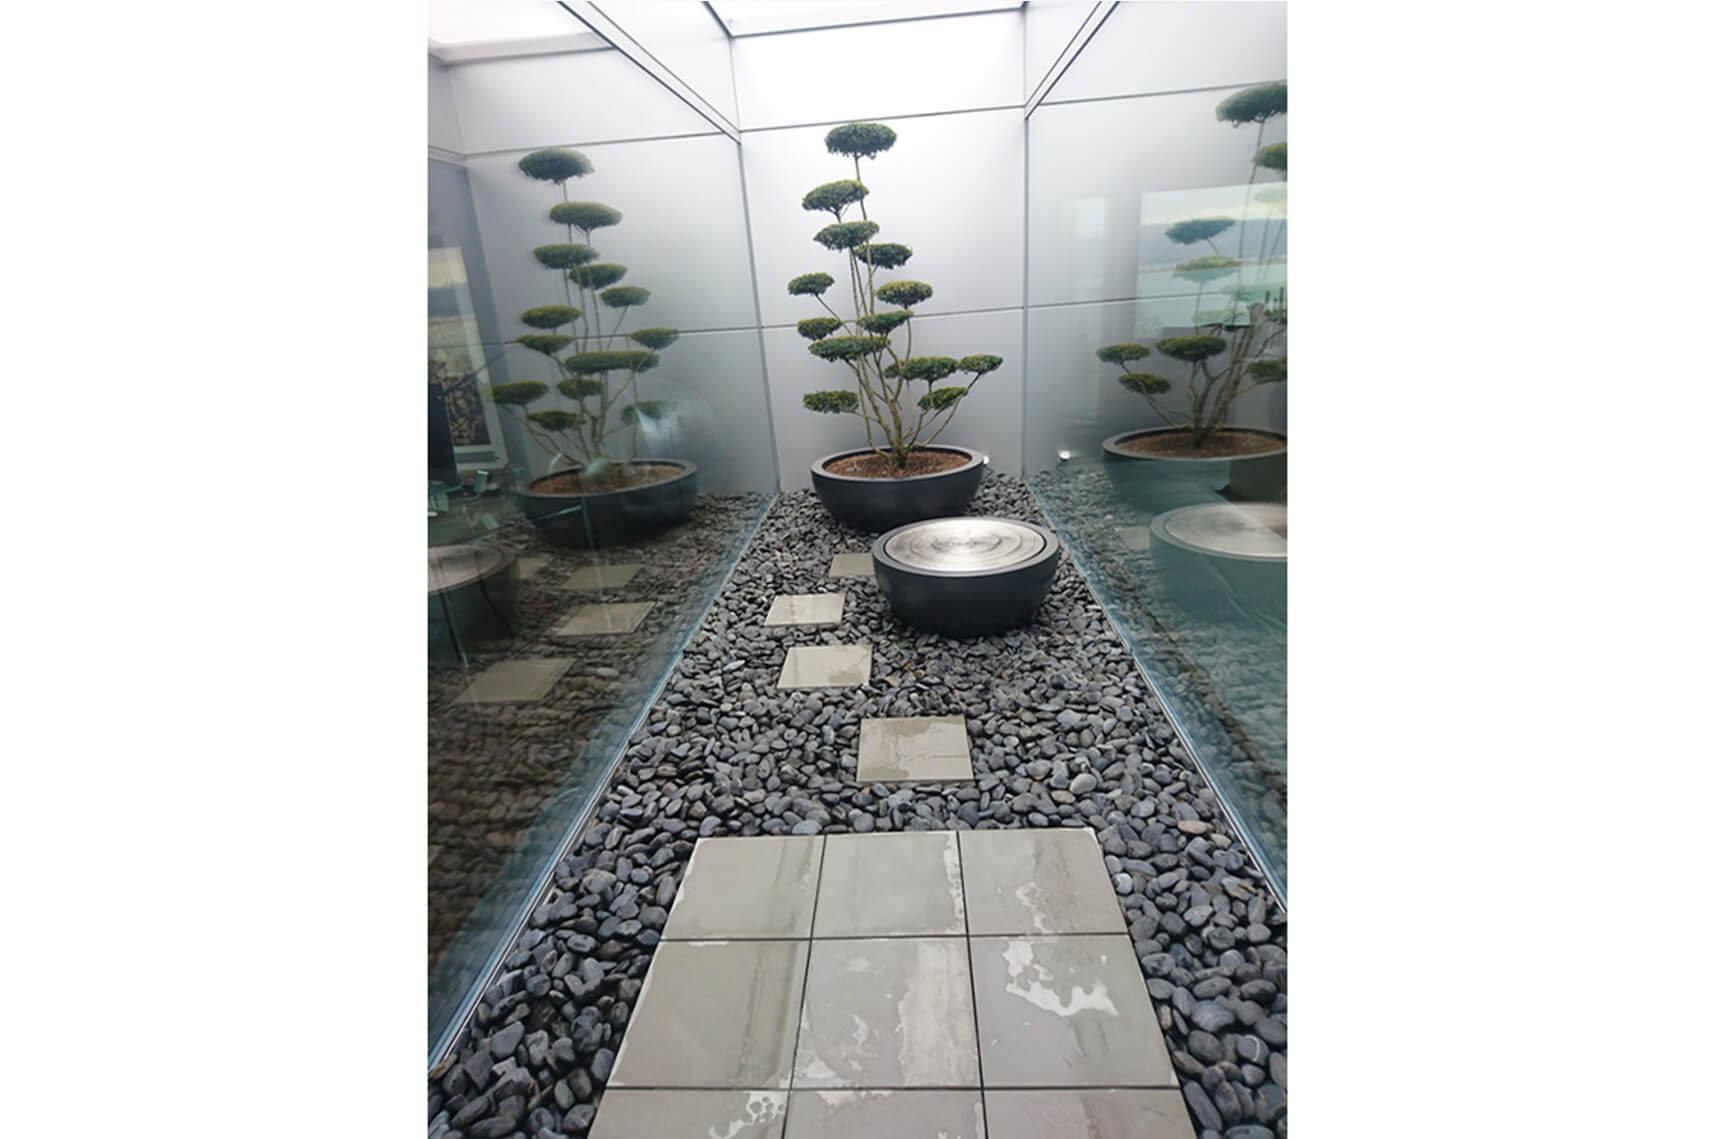 Aellig Paysages Paysagiste Jardin Interieur Pot Arbre à étage Fontaine La  Neuveville Jardin Japonais Ultra Modern